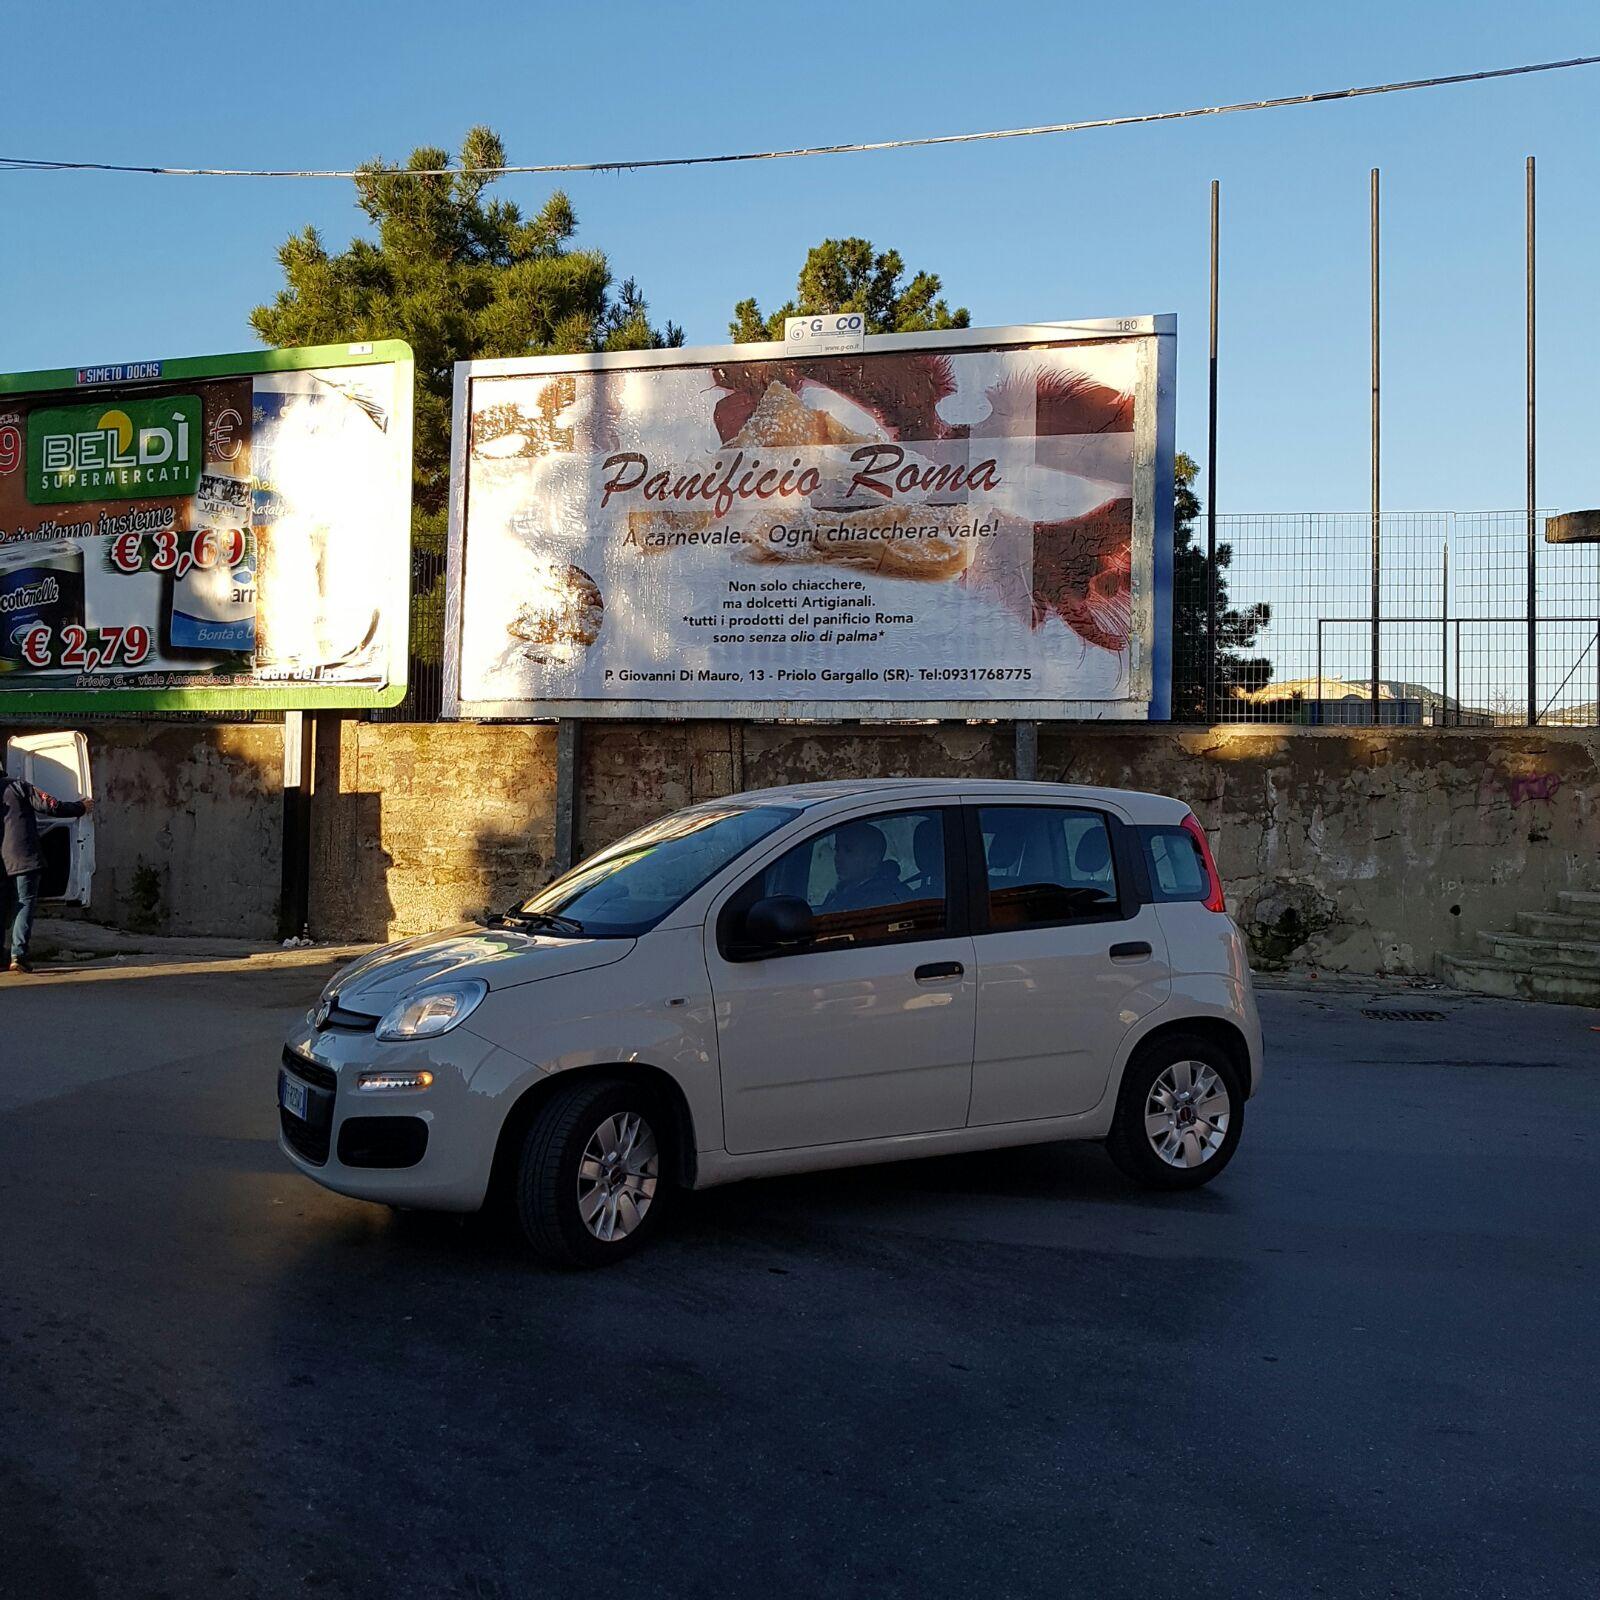 6x3 Monofacciale Priolo Gargallo Piazza Di Mauro Sx / Via Pindemonte